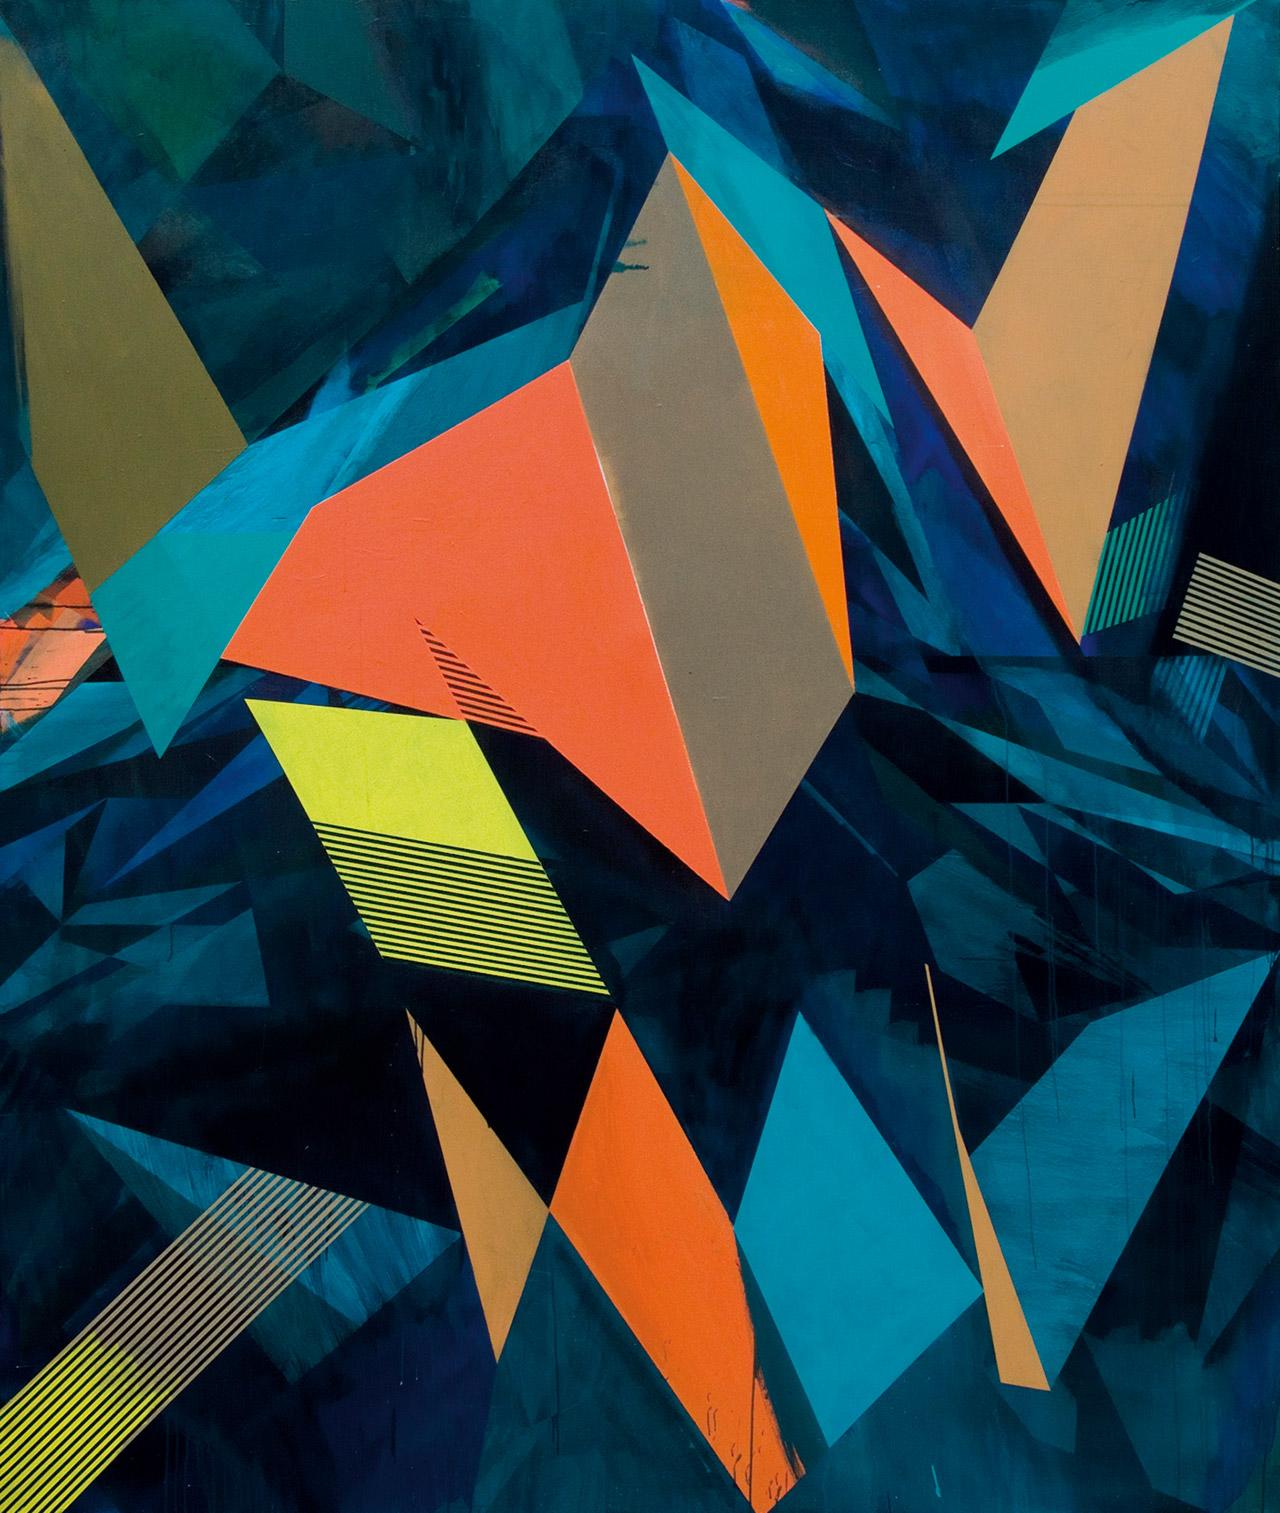 Jaime-Gili-Kunsthalle-Winterthur-2009-4.jpg